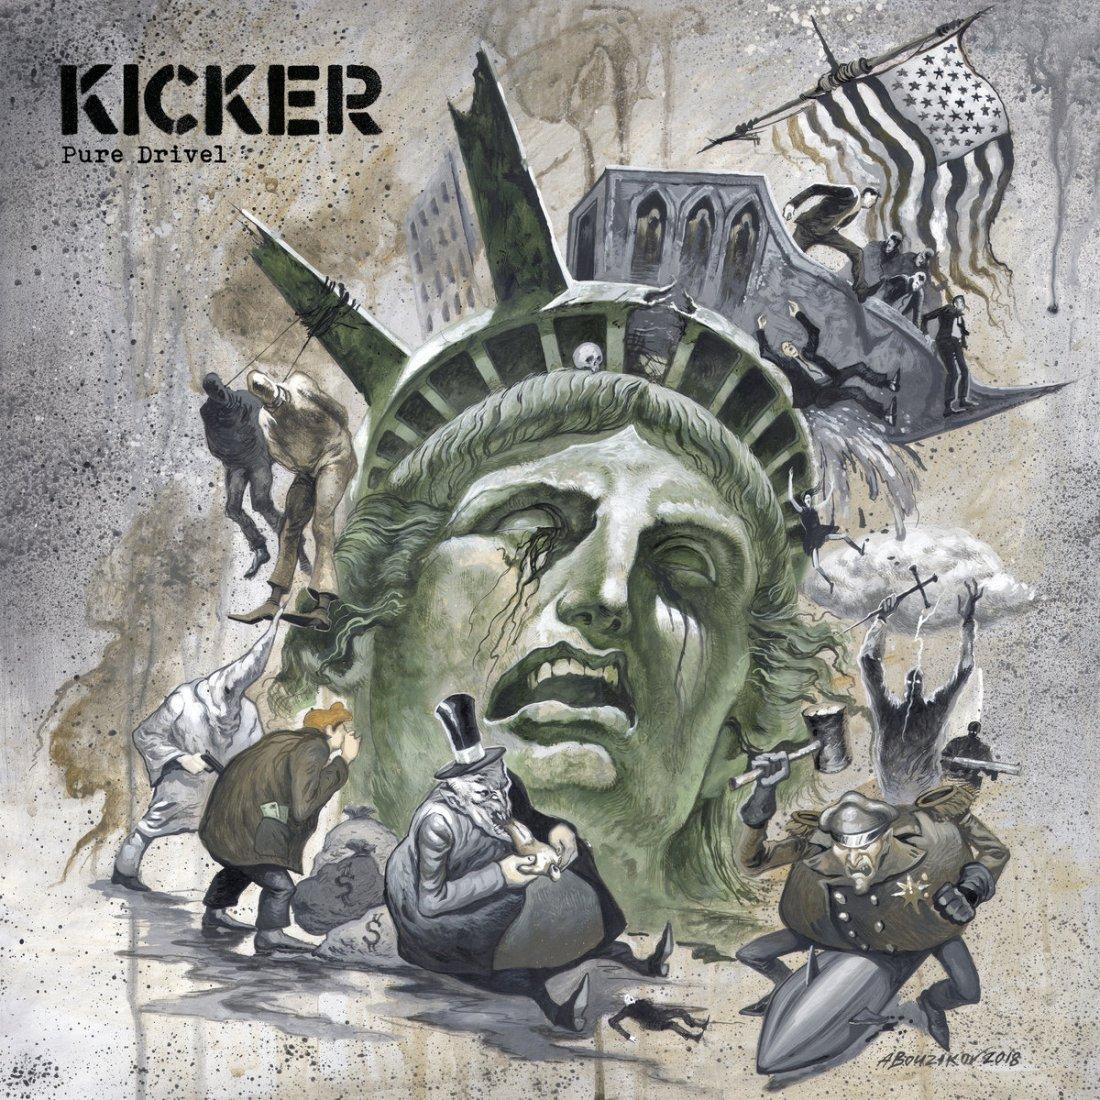 kicker-pure-drivel-cover